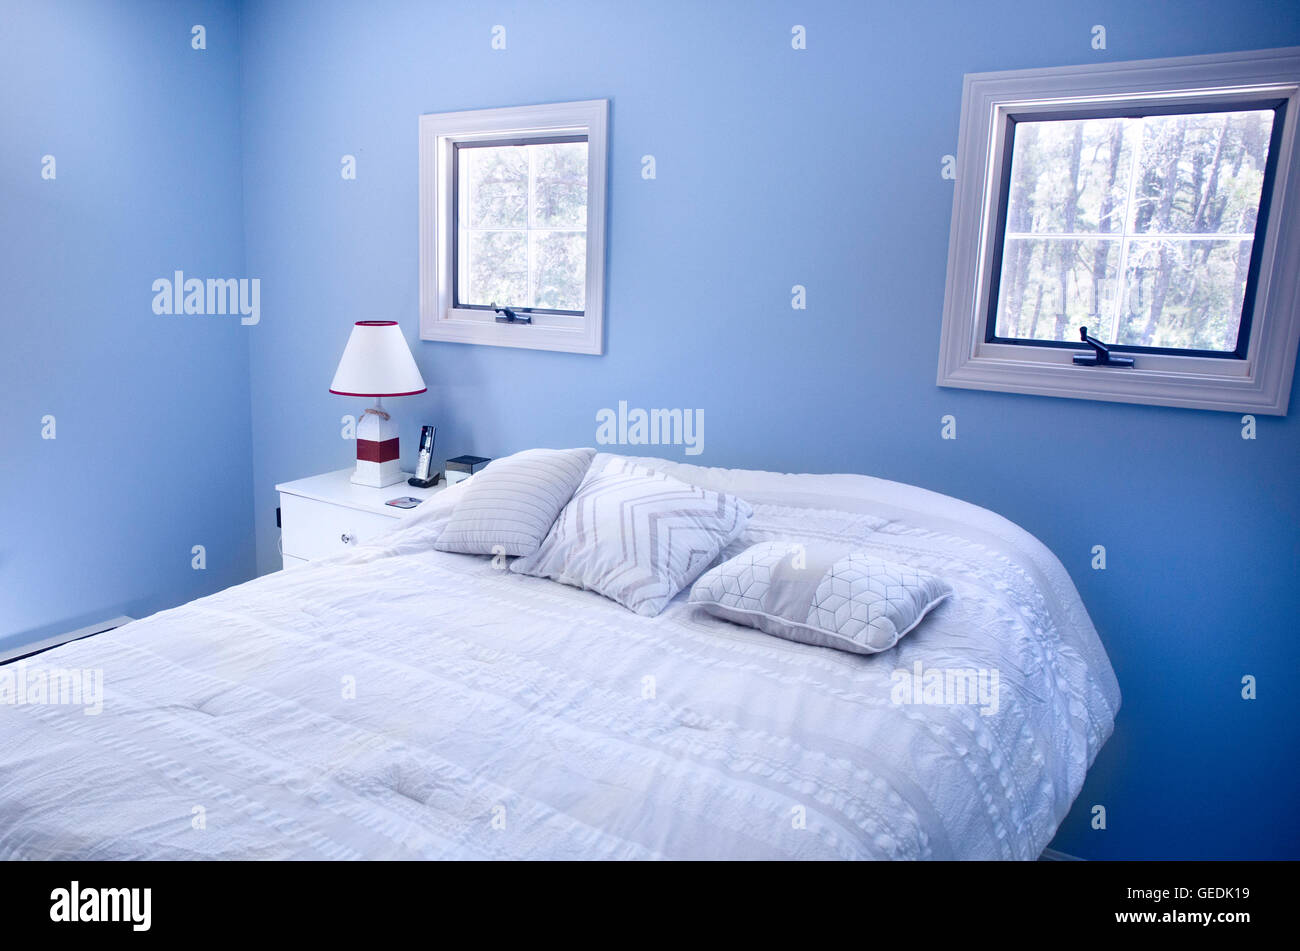 Camera da letto con pareti blu e windows in Wellfleet, ma su Cape ...